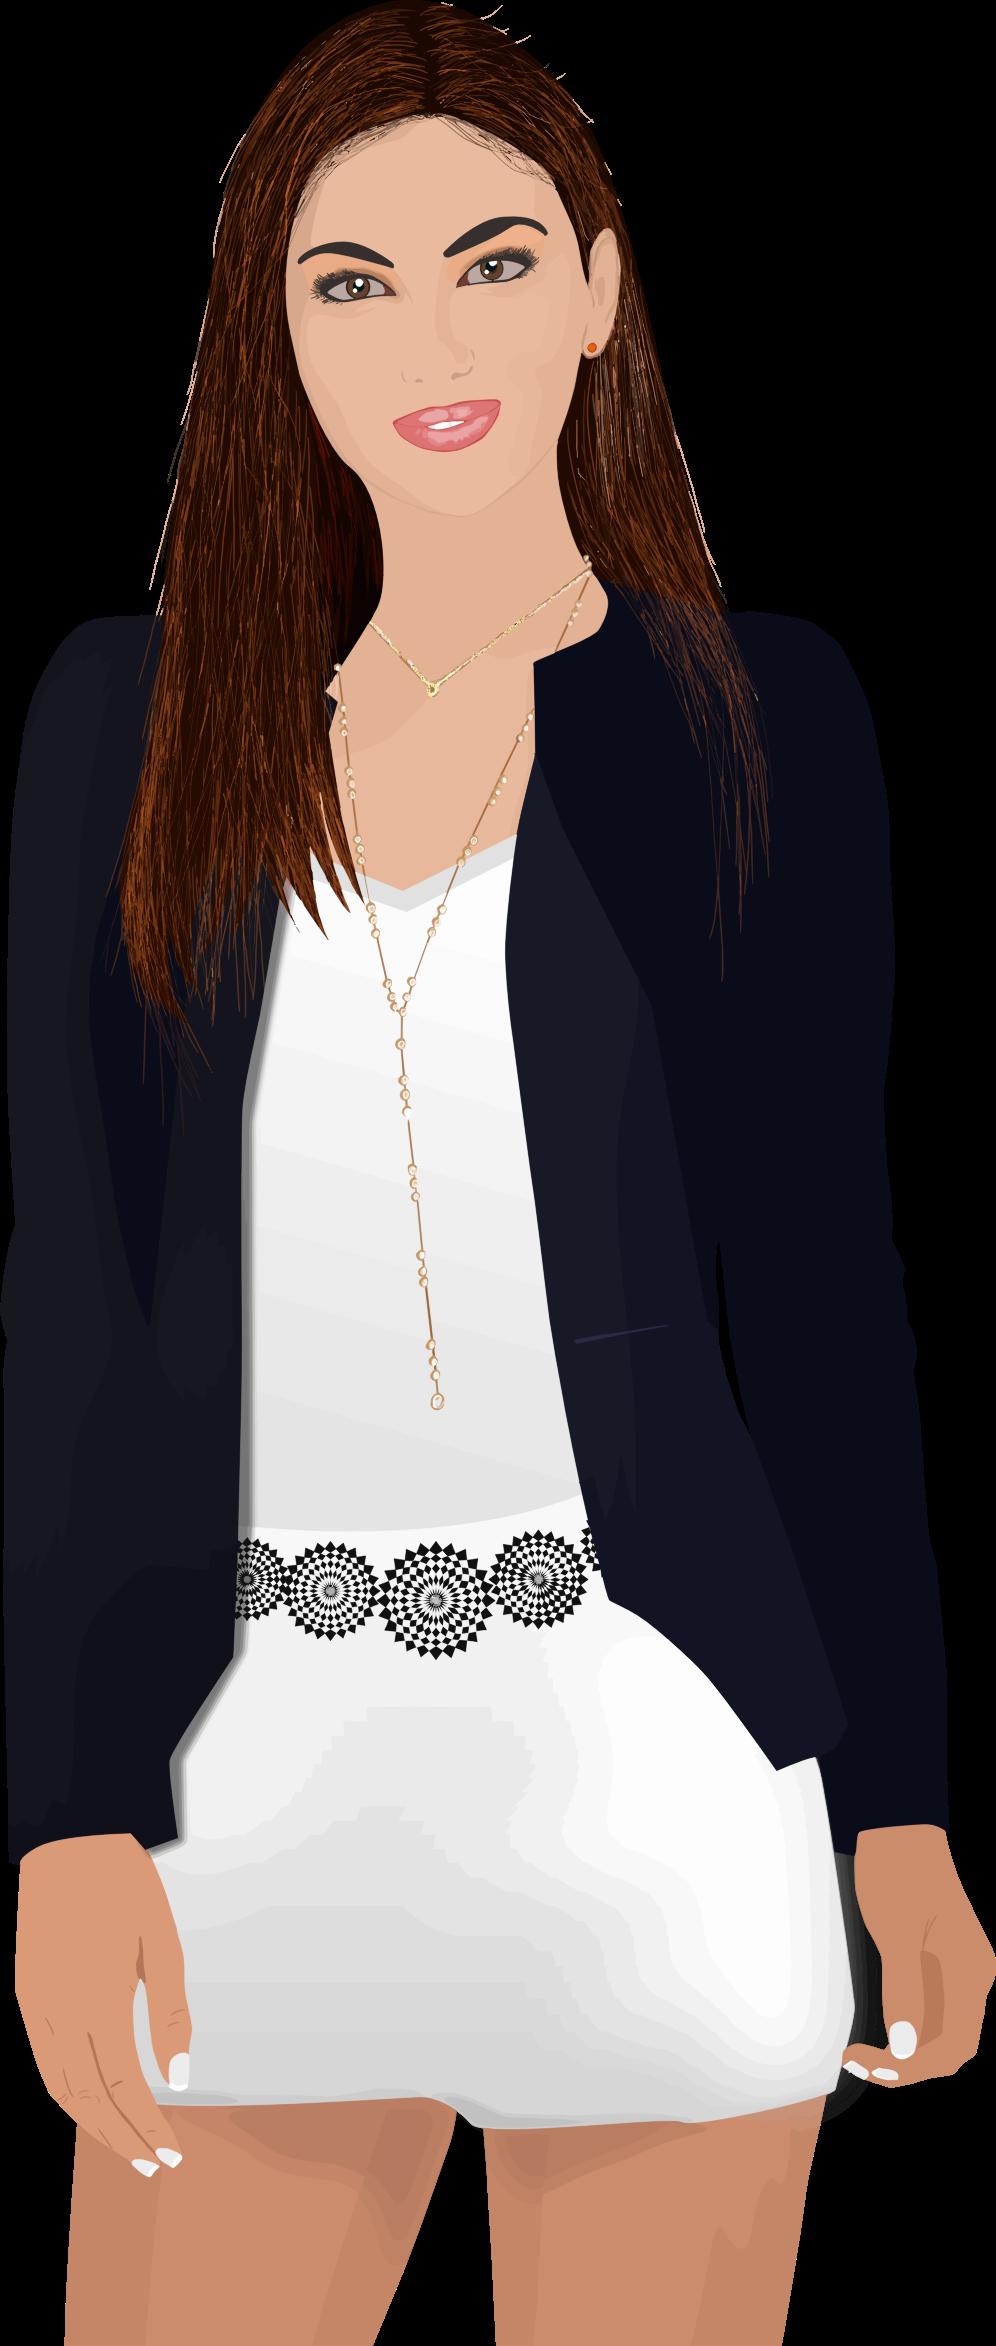 Portrait big image png. Computer clipart business woman